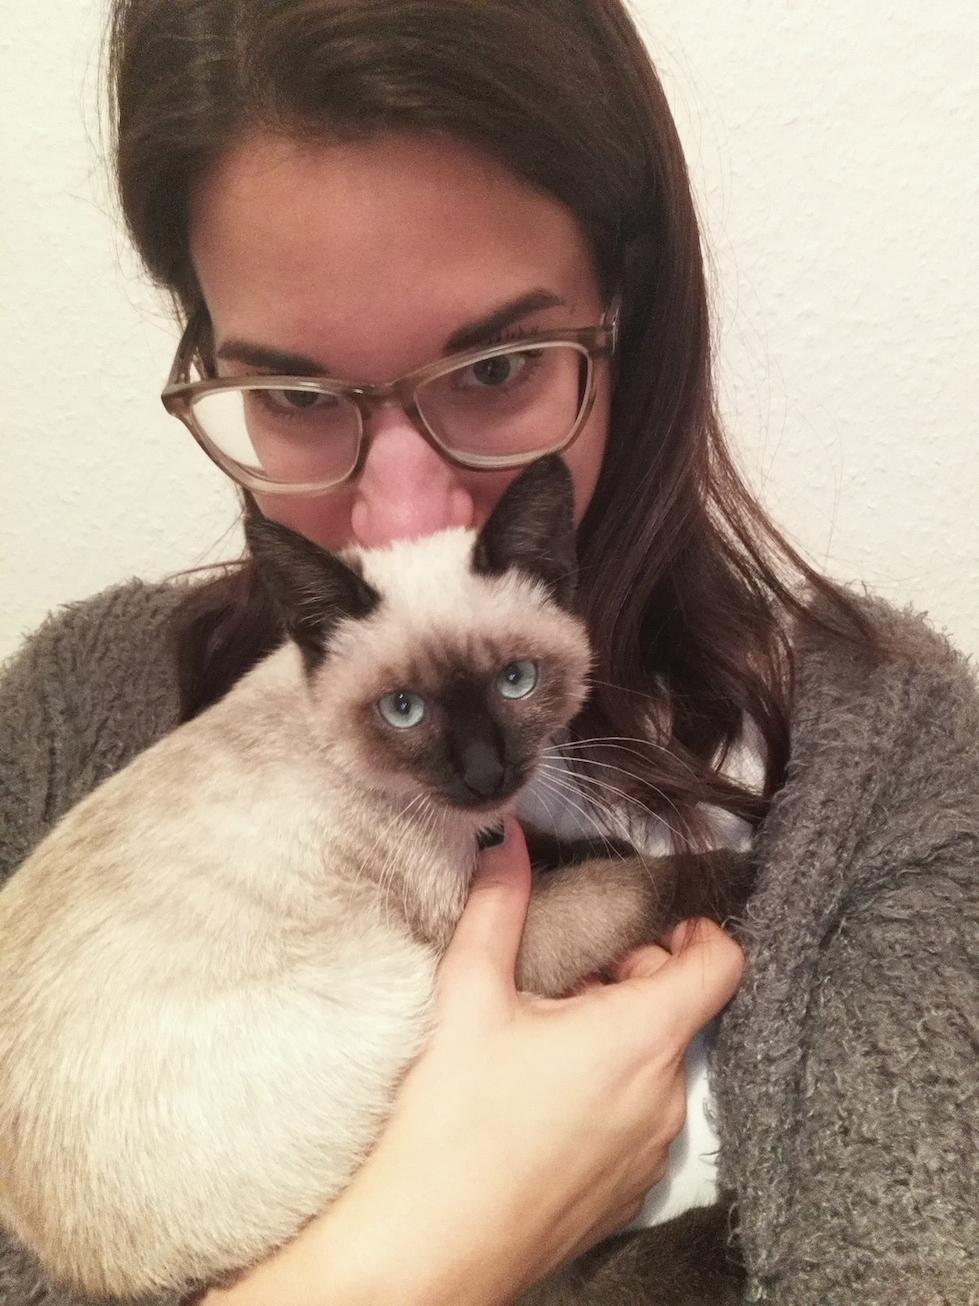 Neues Haustier mit kleinen Kindern Babykatze